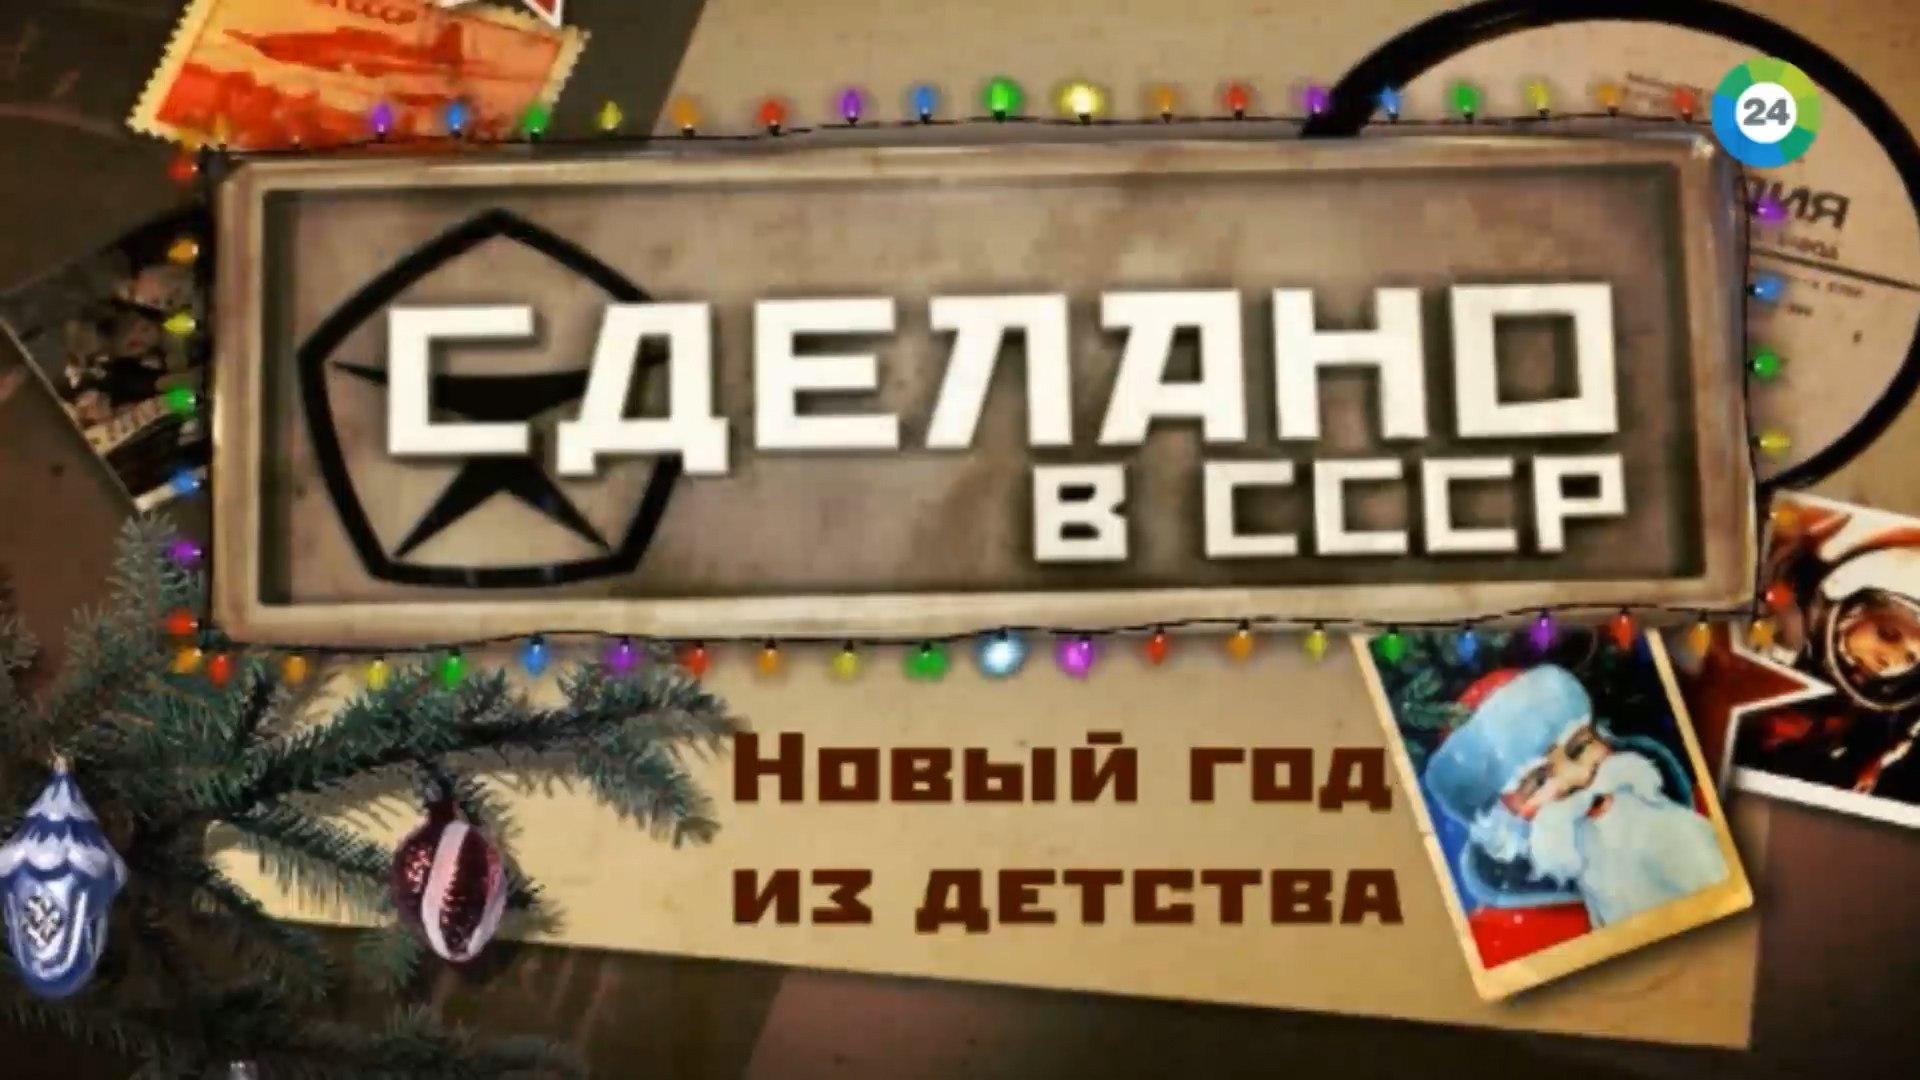 Сделано в СССР. Новый год из детства HD